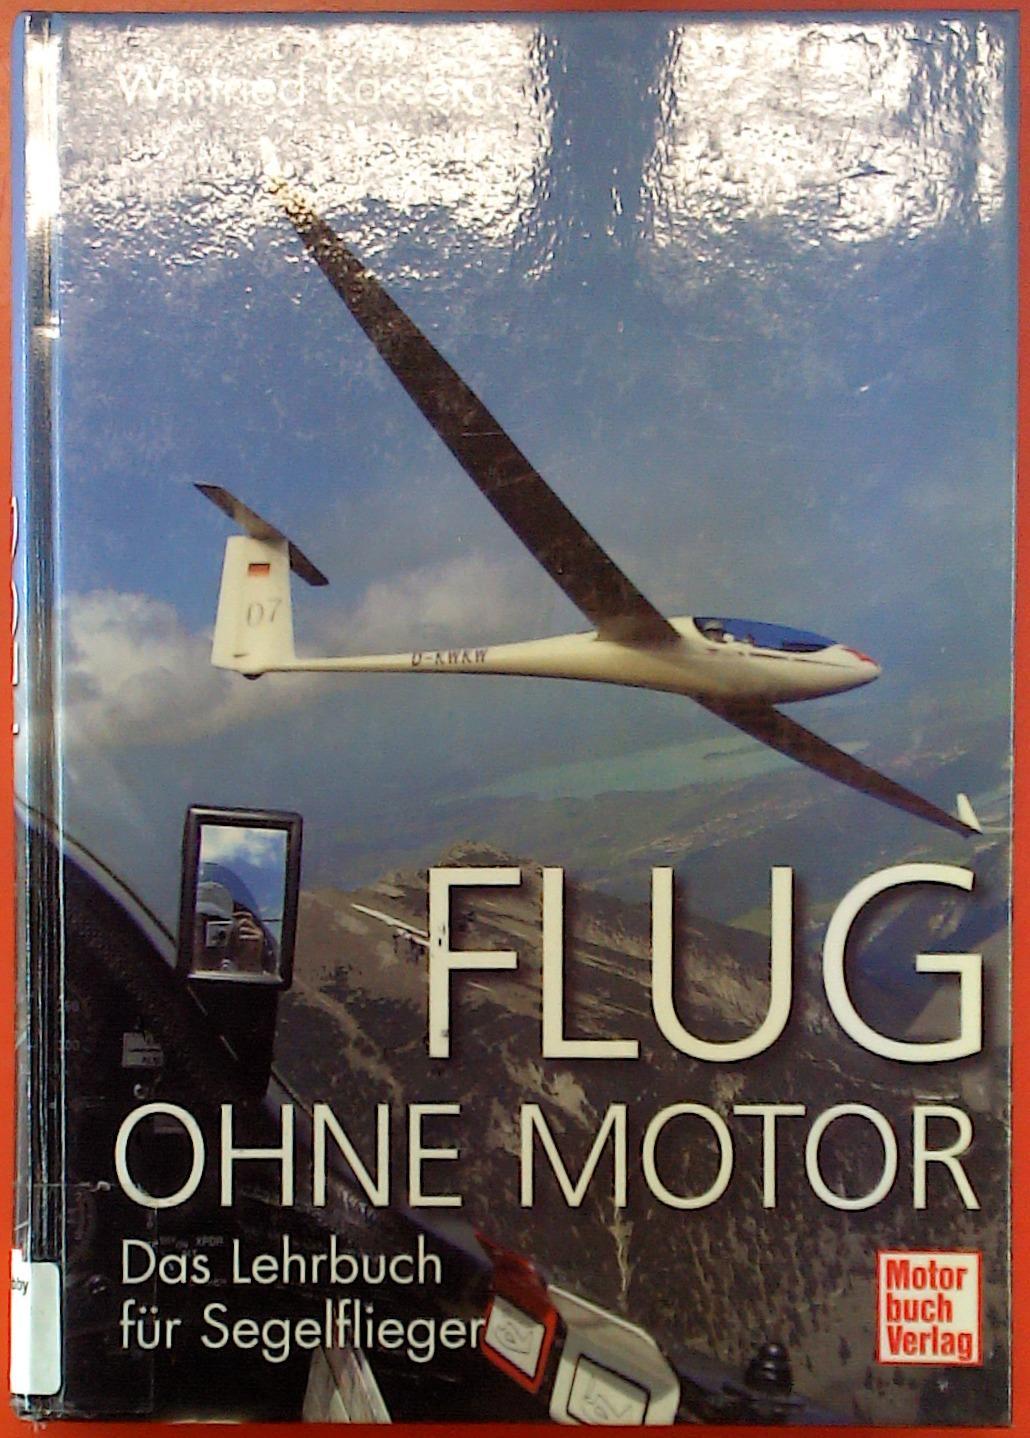 Flug ohne Motor. Das Lehrbuch für Segelflieger. 1.Auflage